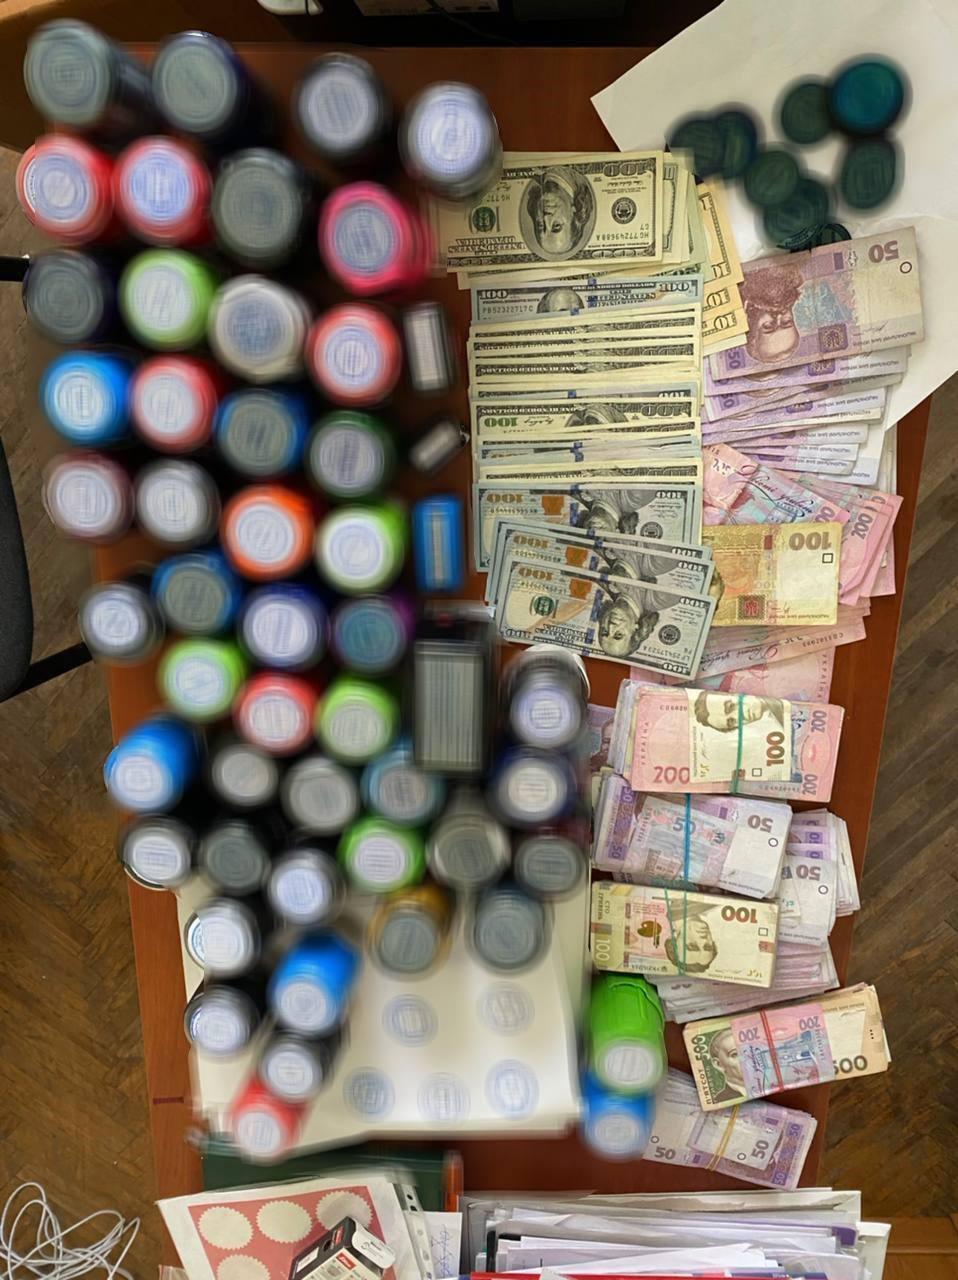 ГФС провела обыски по фактам незаконной поставки и реализации нефтепродуктов